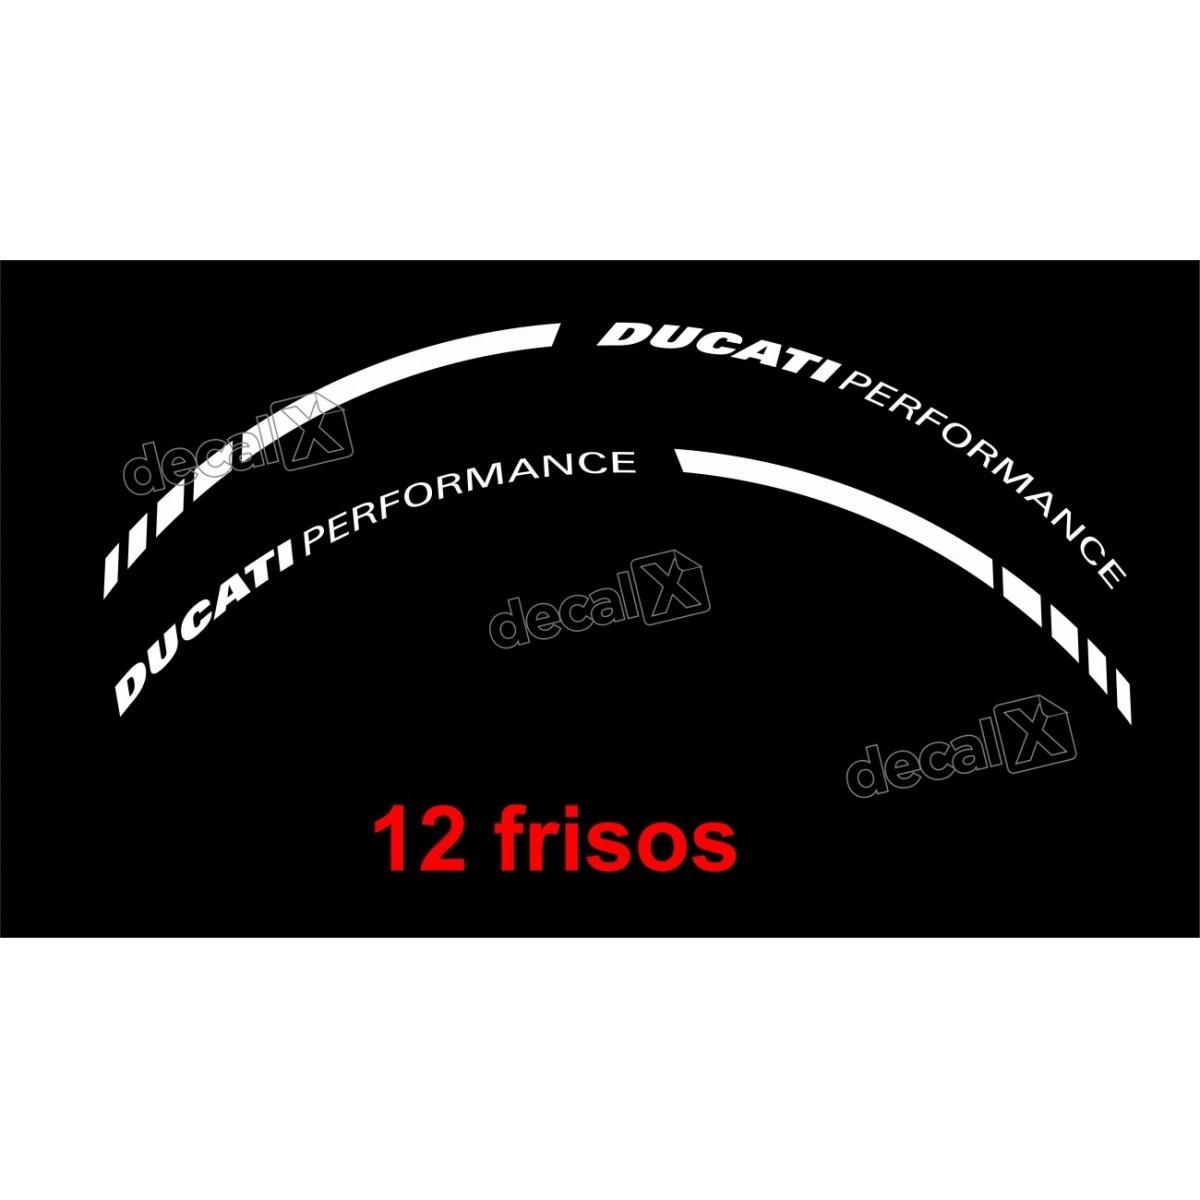 Adesivos Friso Refletivo Roda Moto Ducati Performance Branco